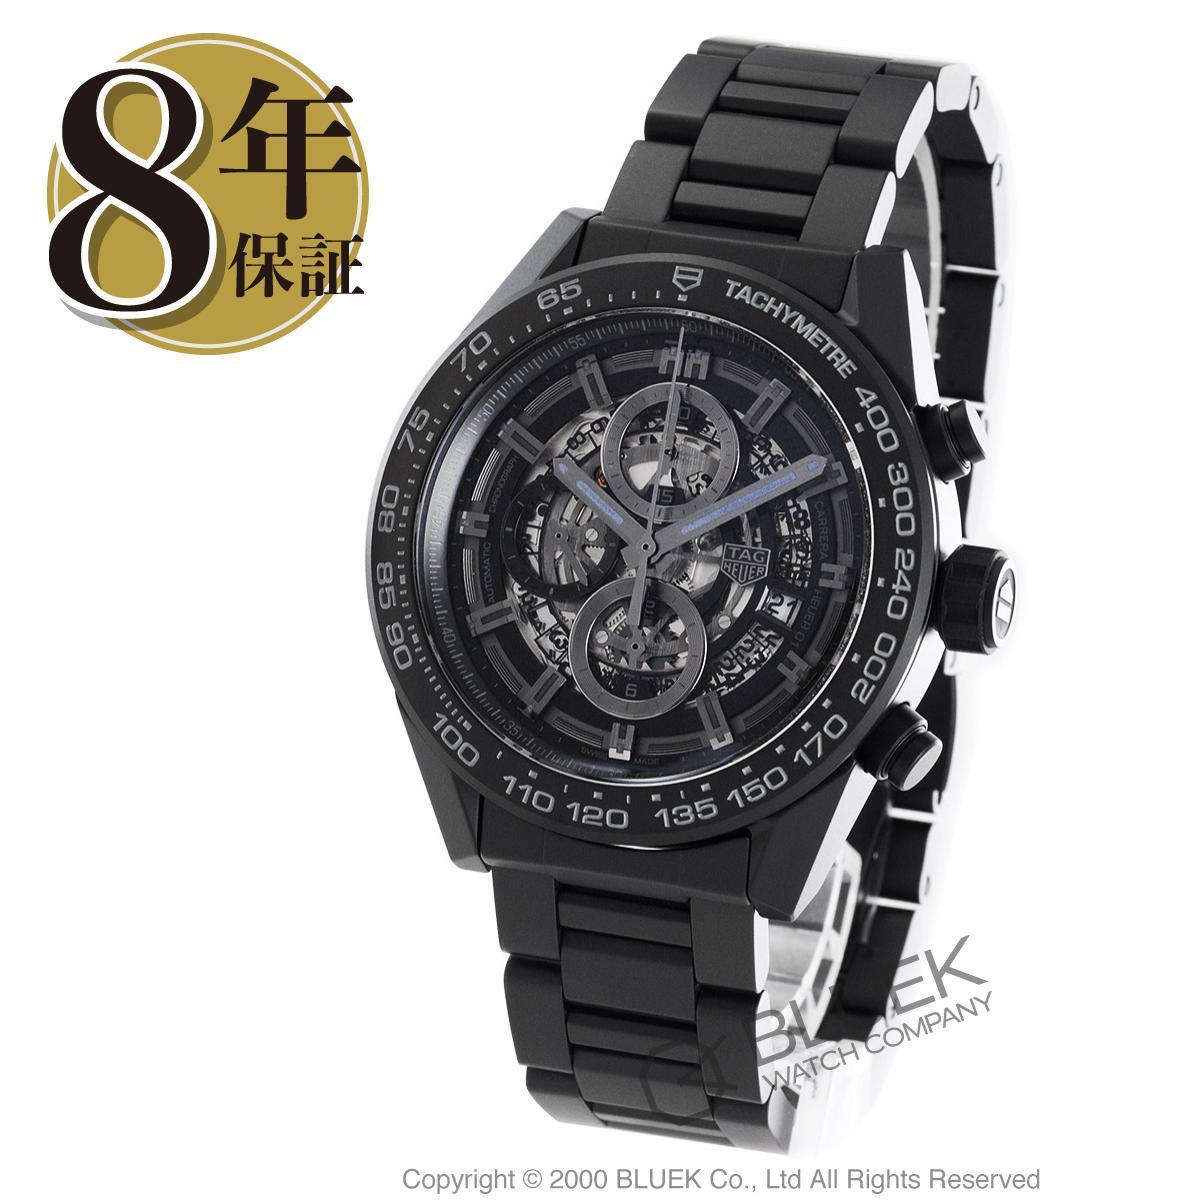 タグホイヤー カレラ ホイヤー01 クロノグラフ 腕時計 メンズ TAG Heuer CAR2A91.BH0742_8